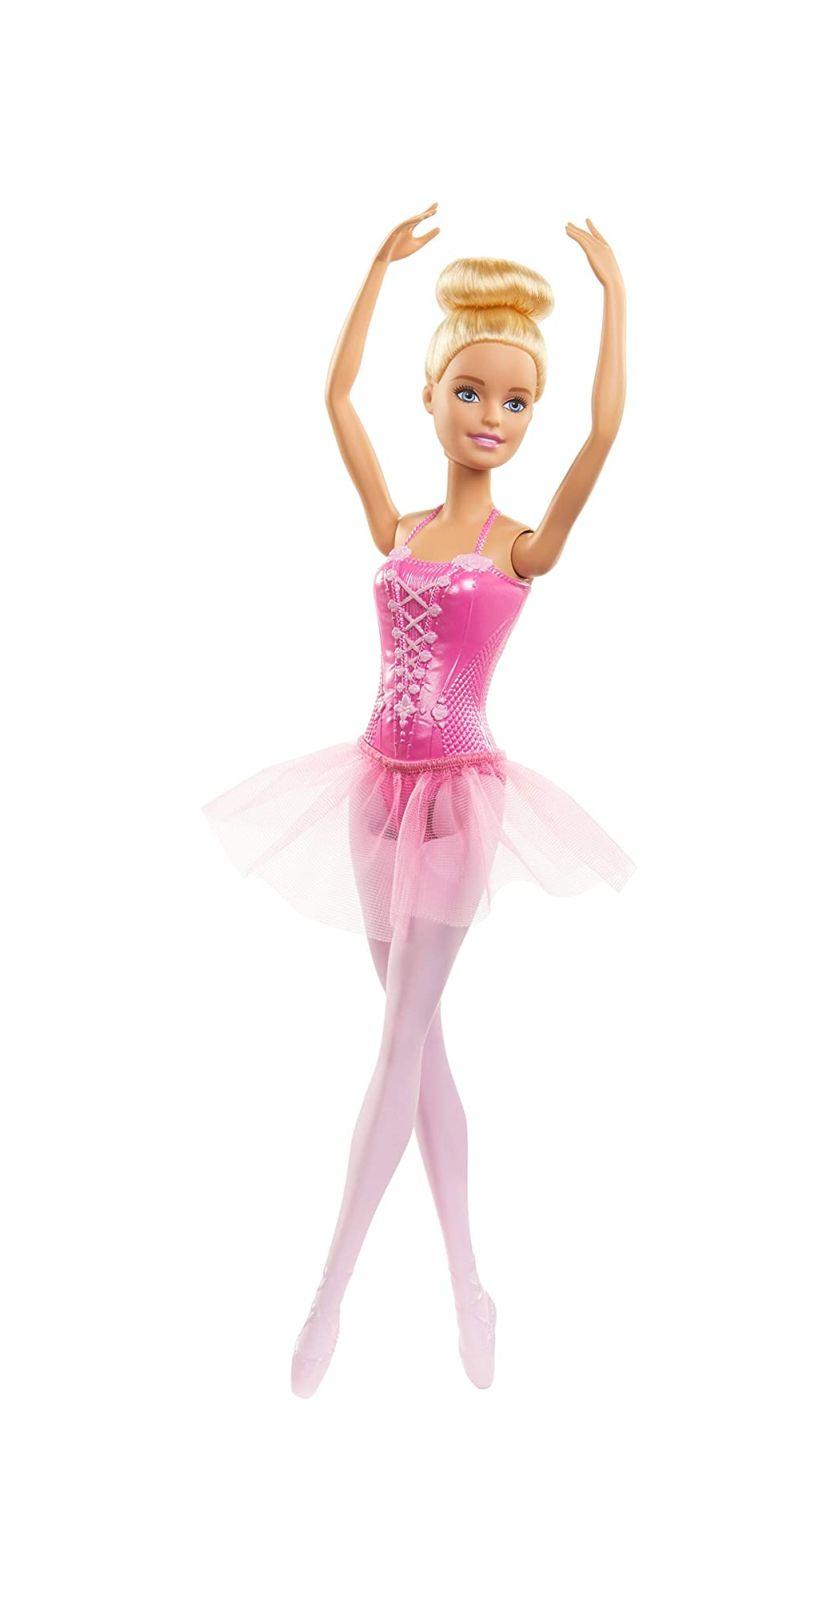 Barbie ballerina bambola con tutù e scarpette - Barbie